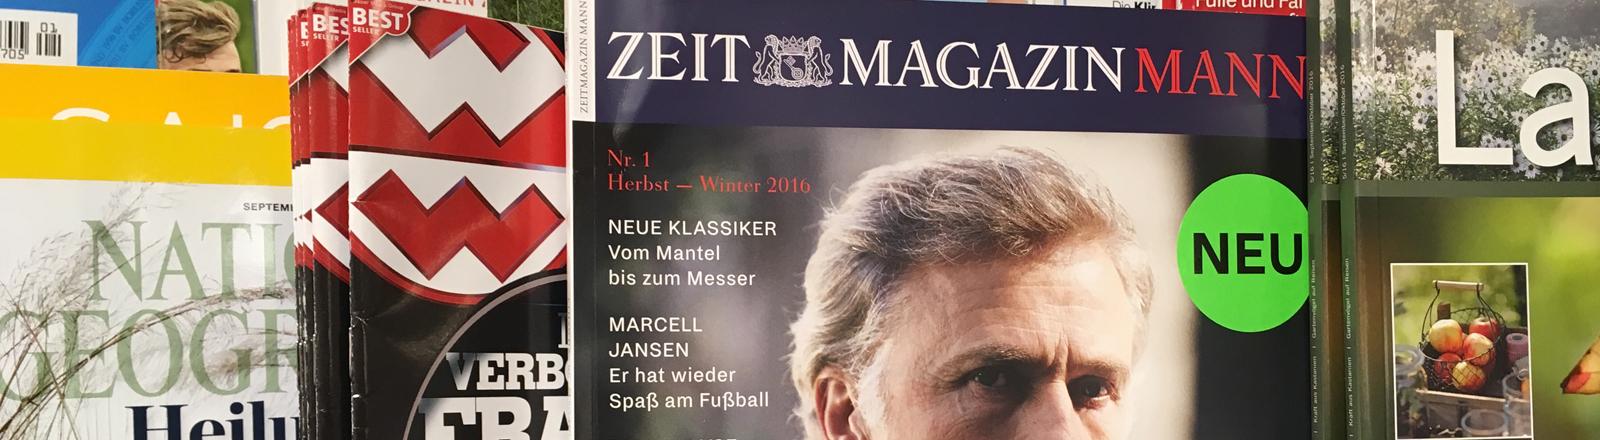 Das Magazin Zeit Mann.